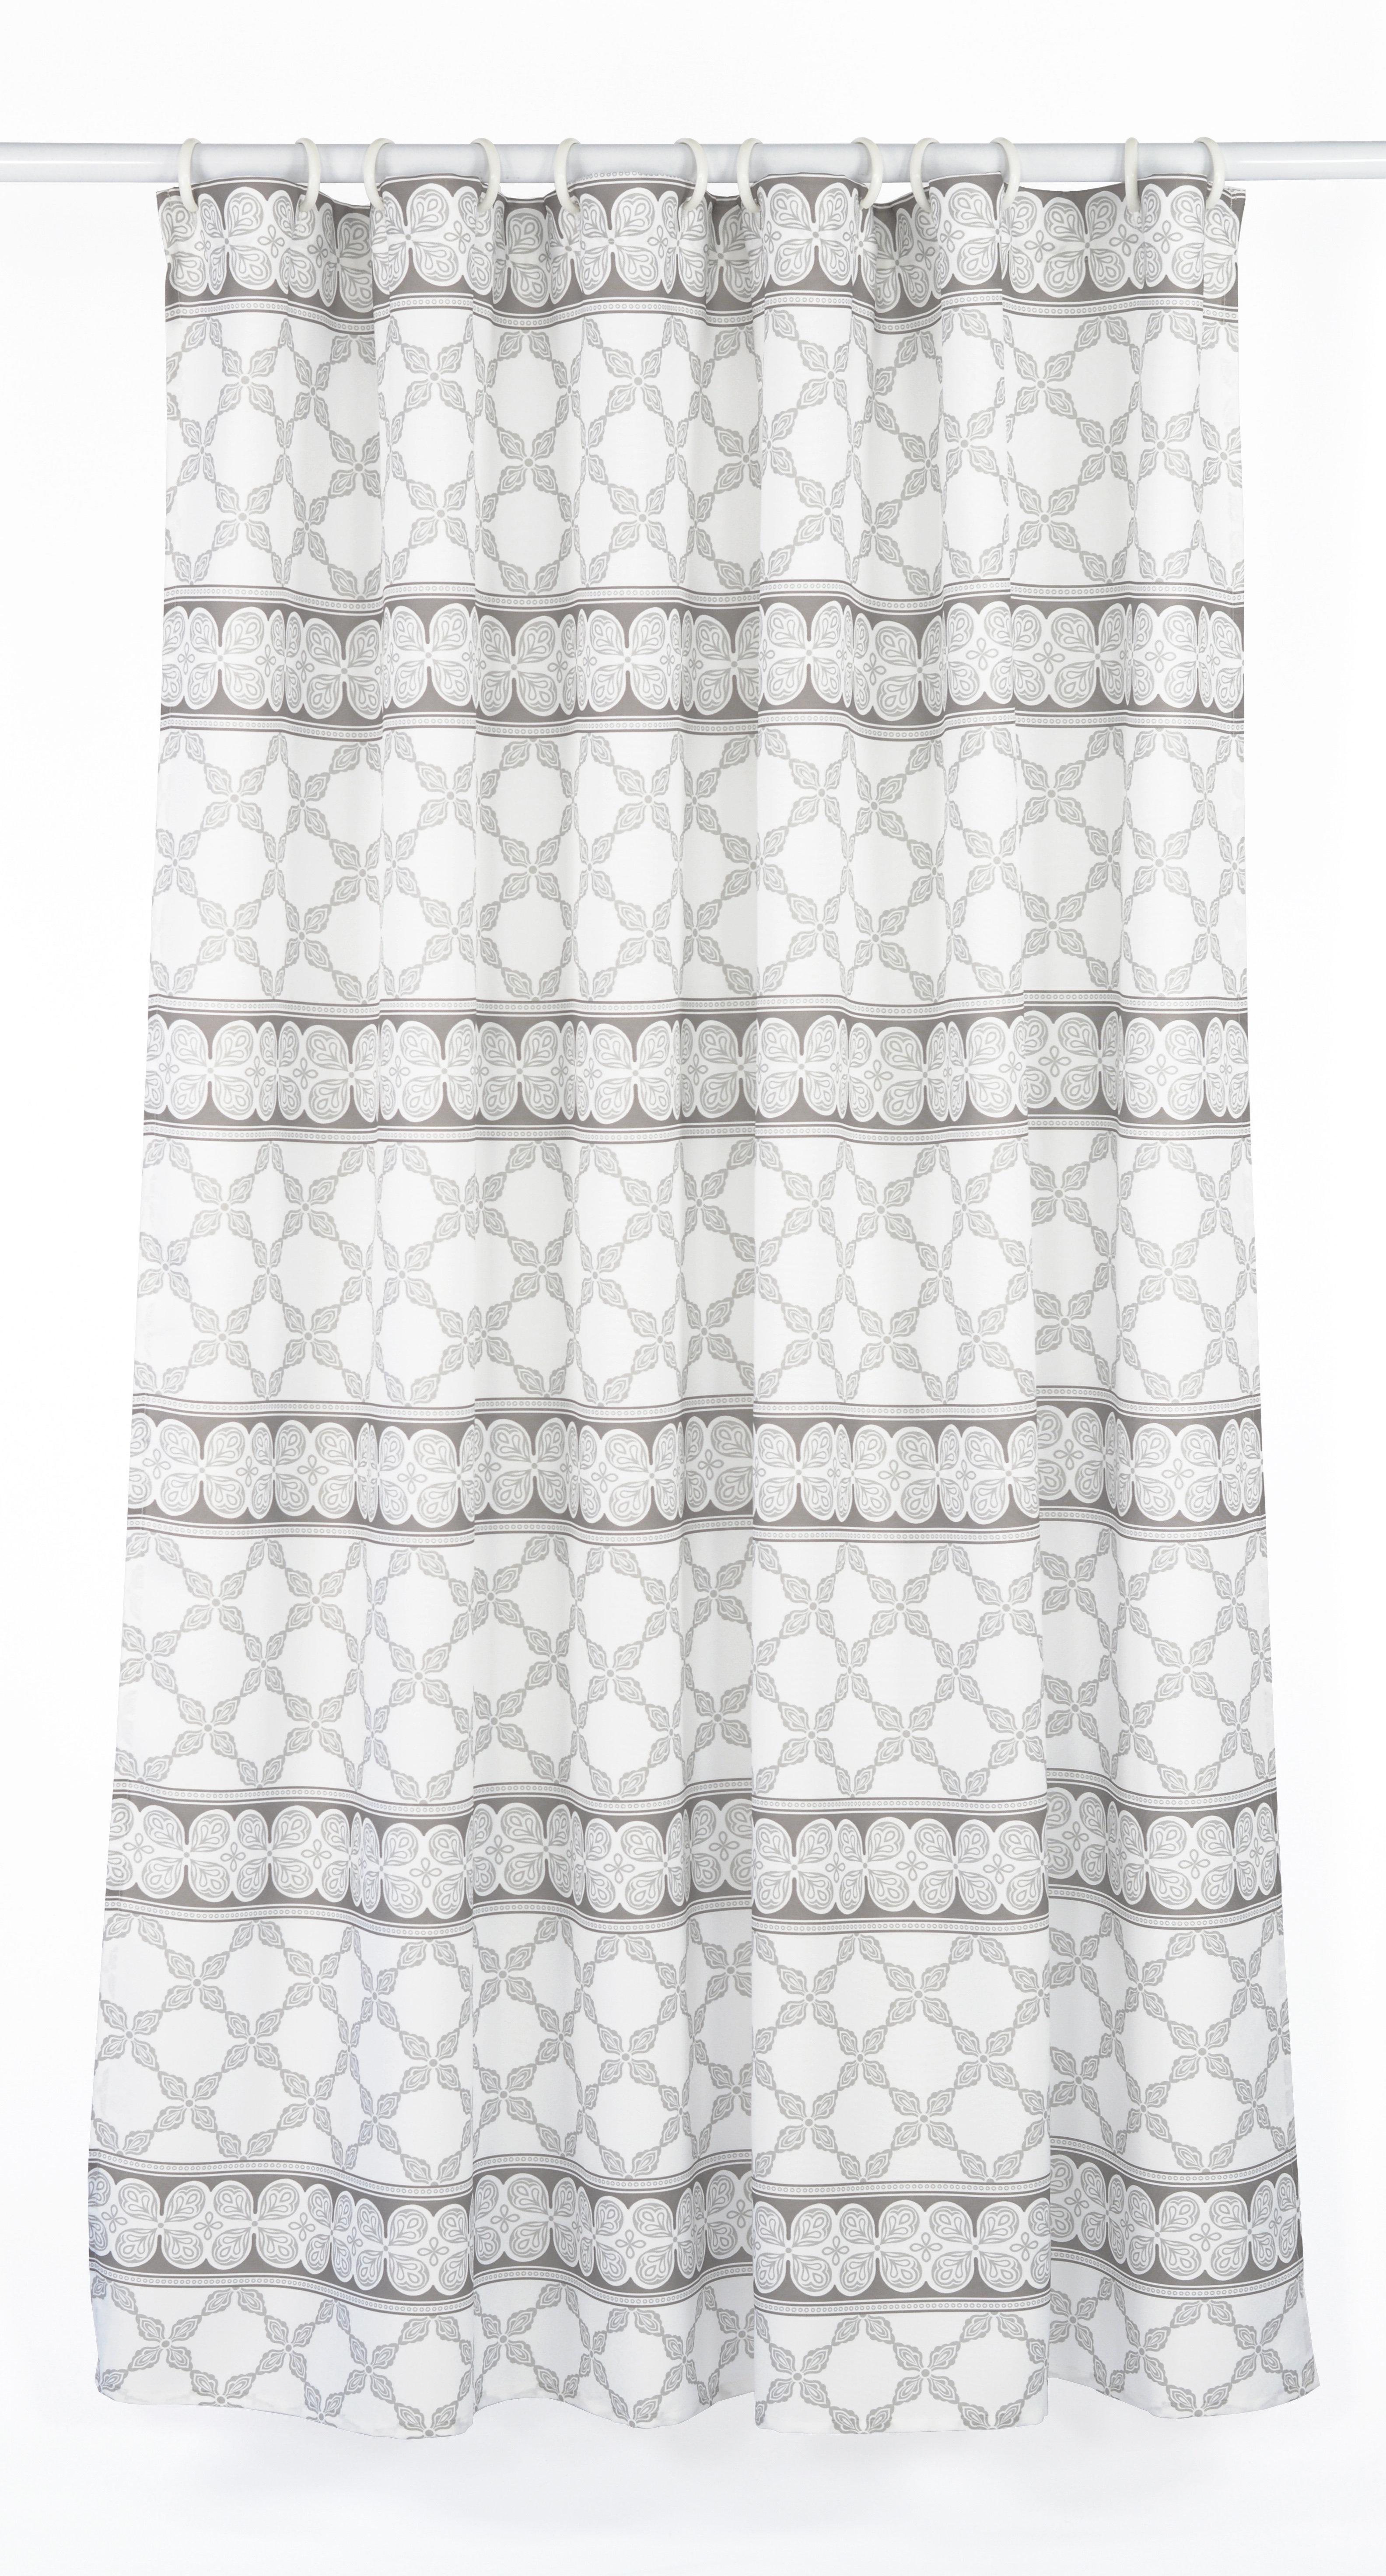 LJ Home Vogue Line Design Shower Curtain Set & Reviews   Wayfair